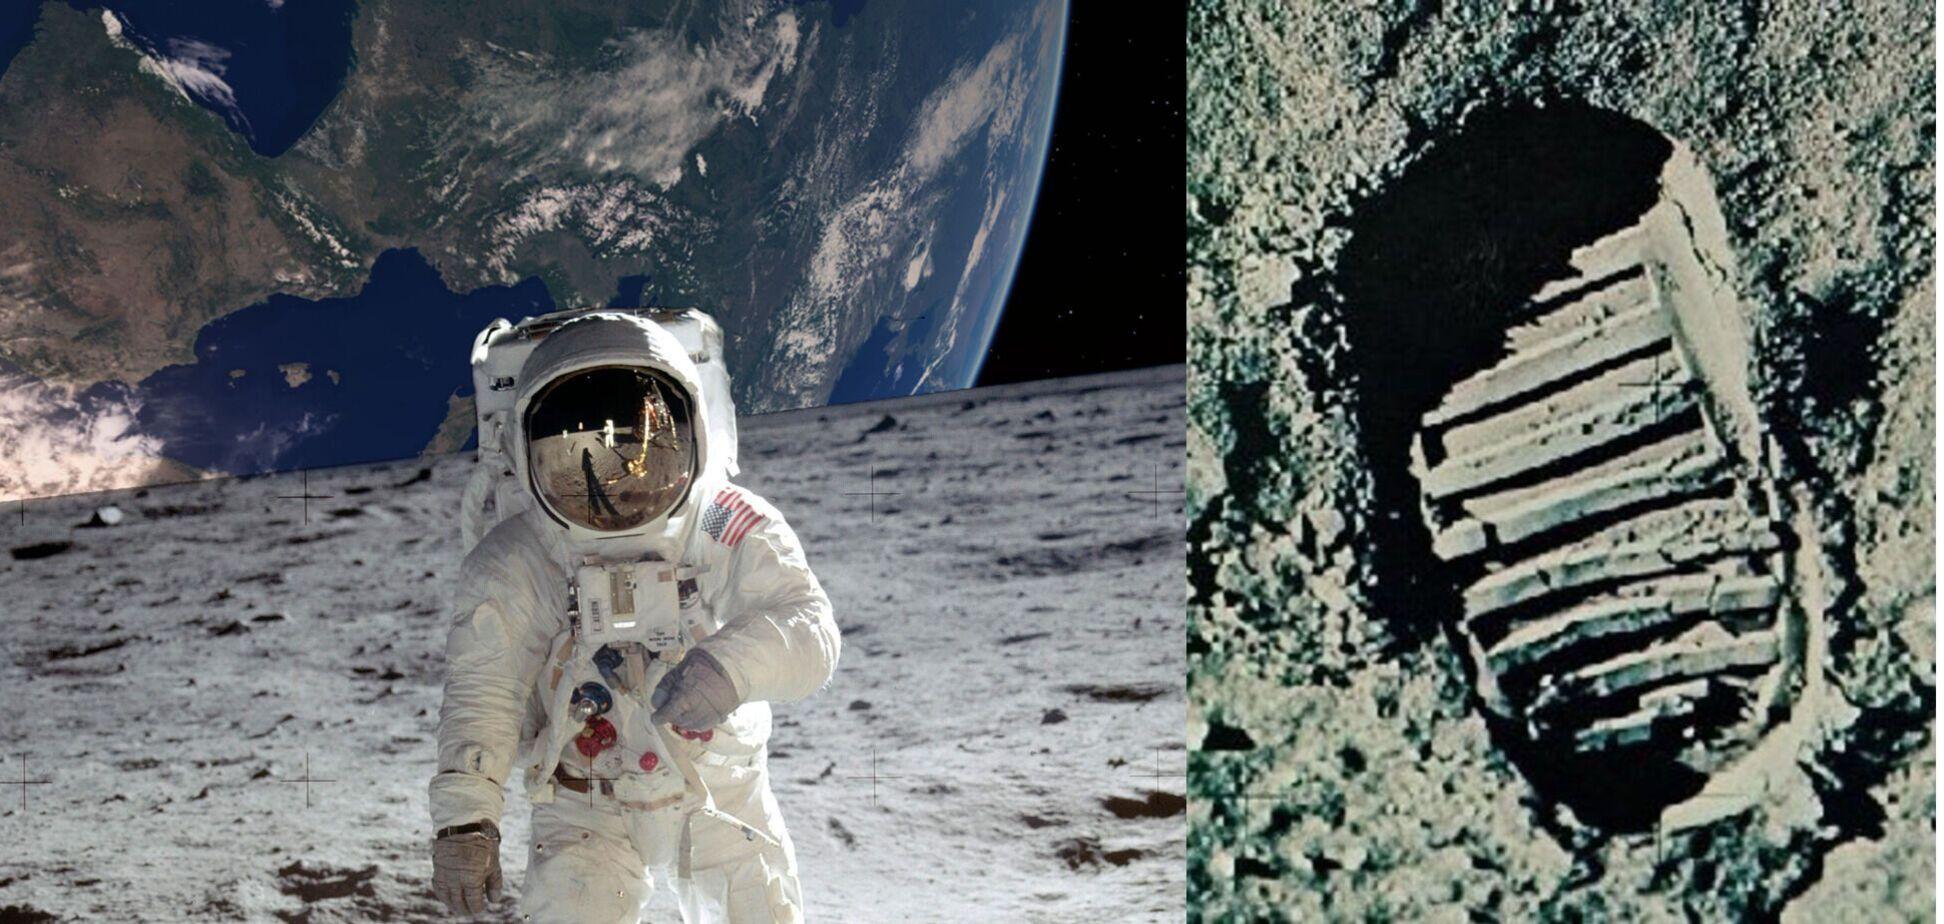 В NASA заявили, что оригинальные записи посадки на Луну корабля Apollo были уничтожены